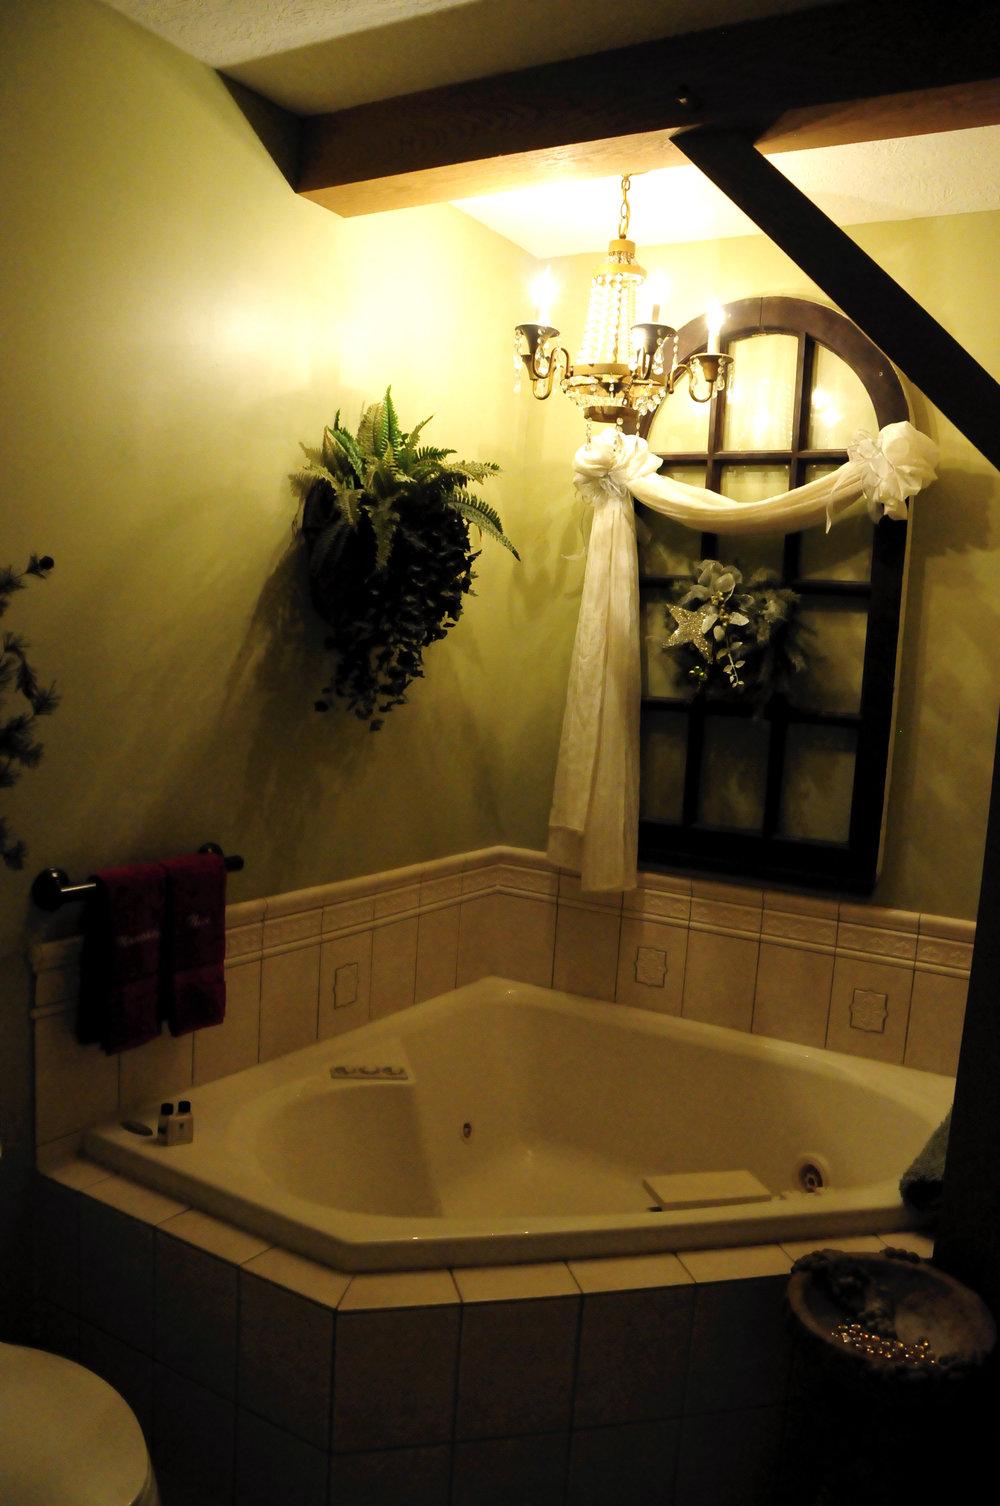 relaxingbath.jpg